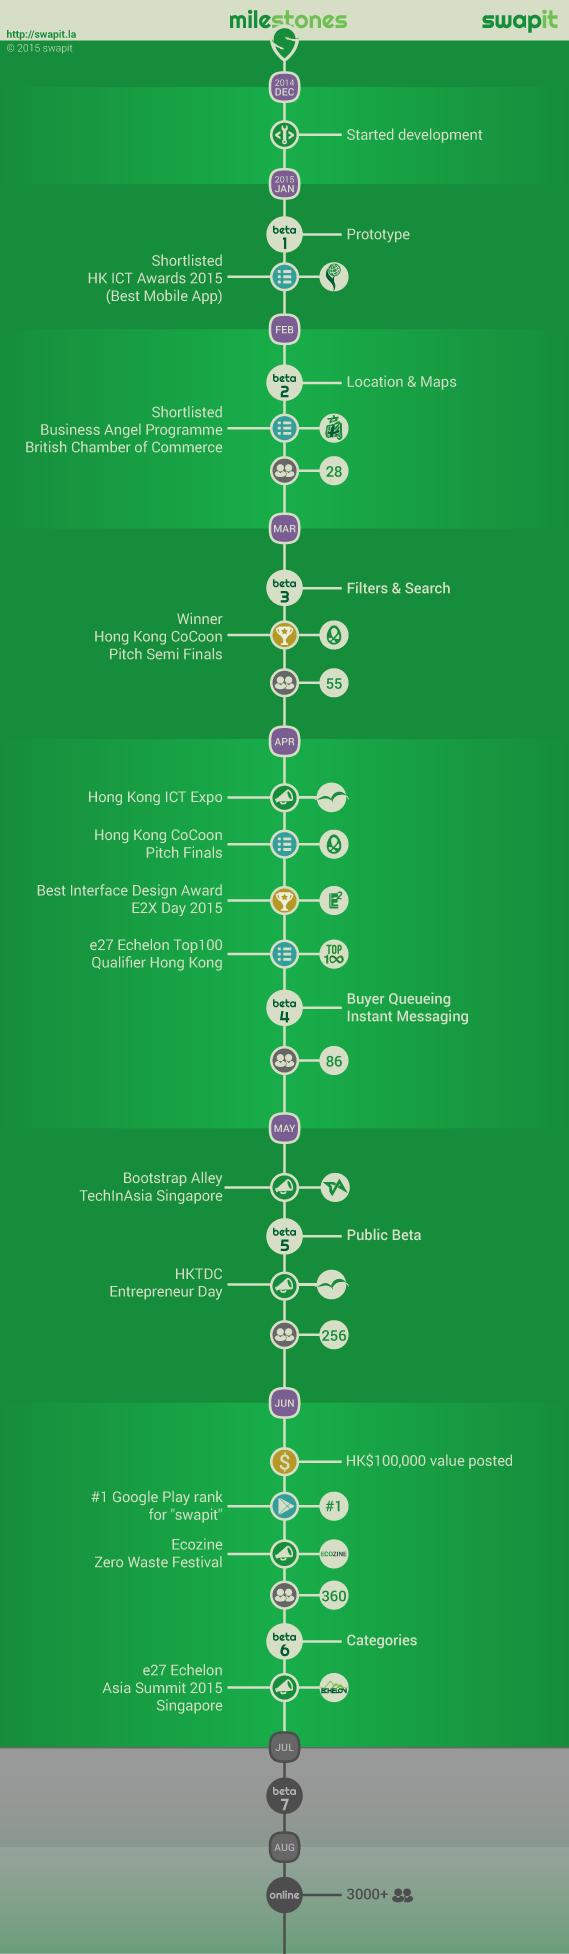 2015-06_milestone-infographic-2_569